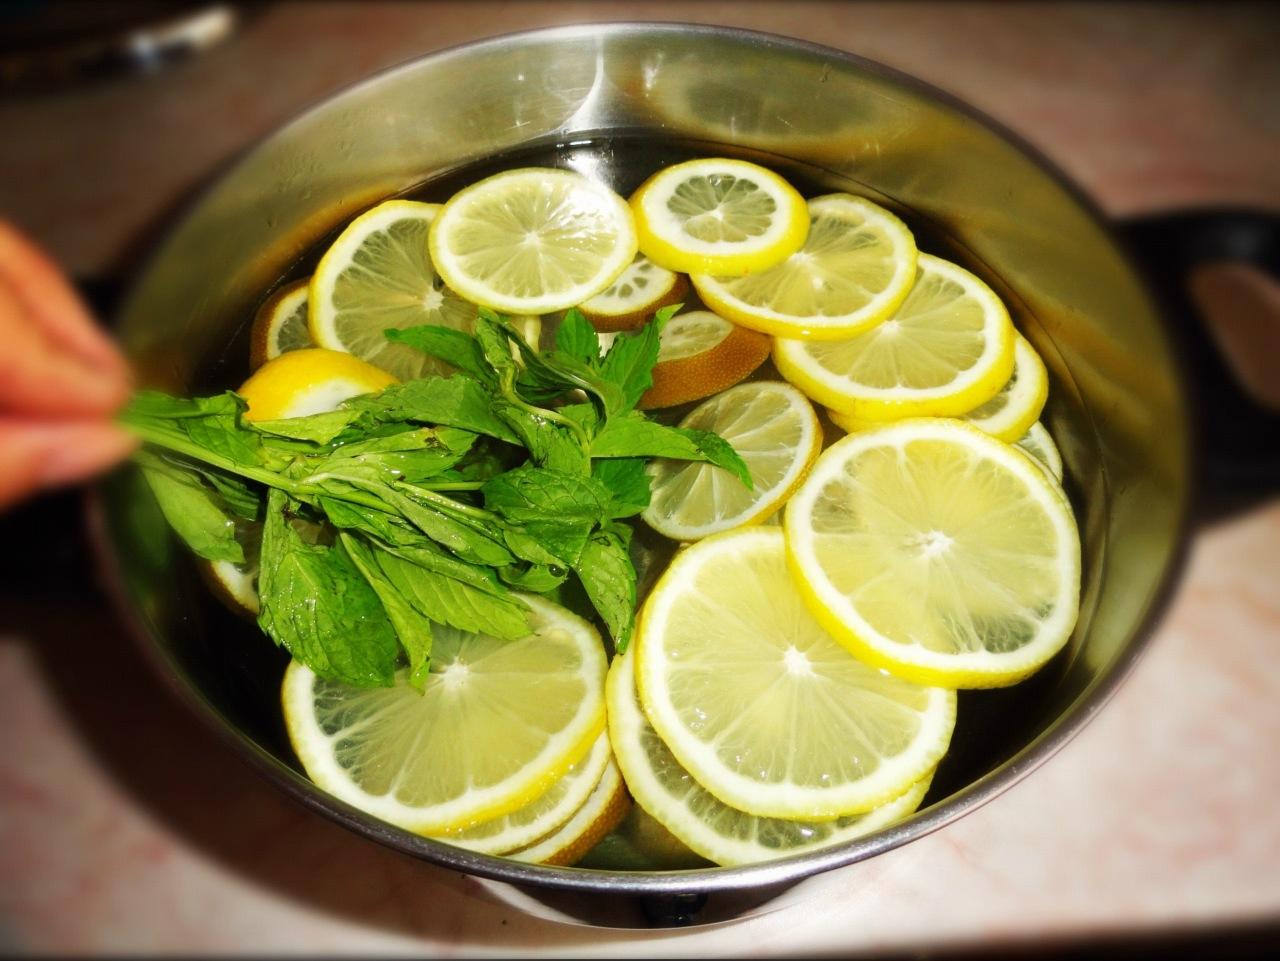 Лимонад из мяты, лайма и лимона в домашних условиях 26